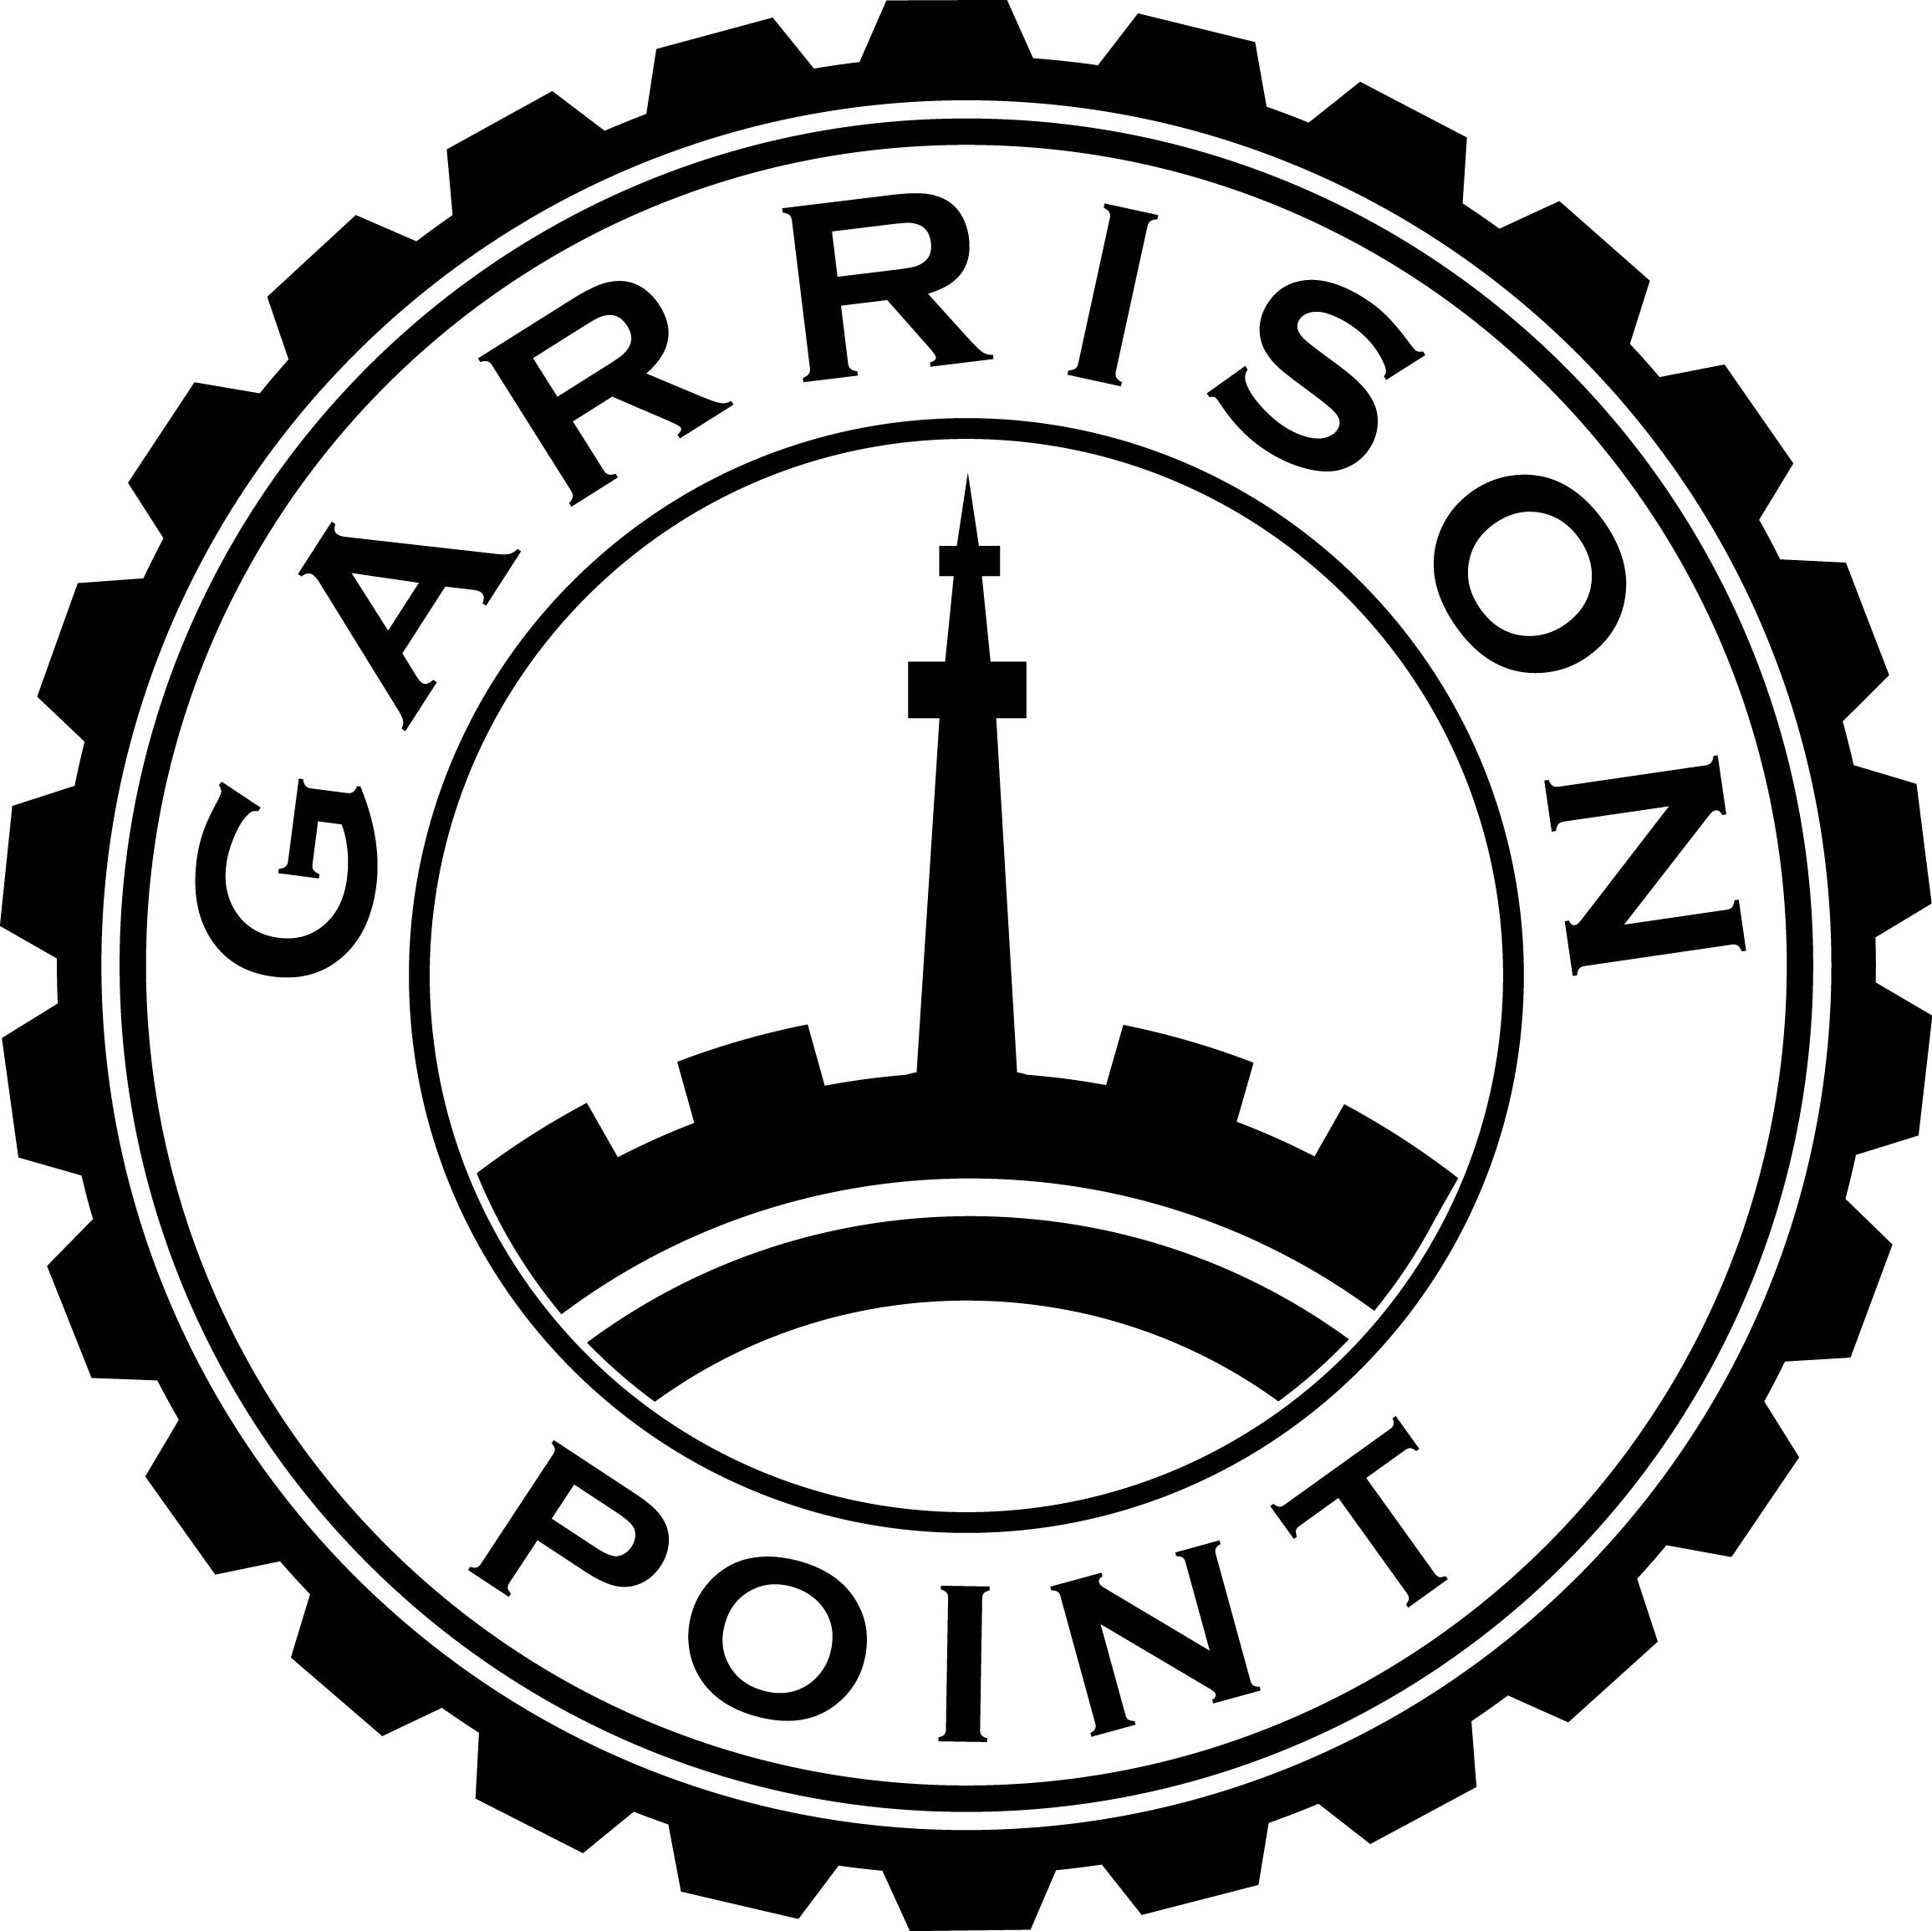 Garrison-Point.jpg